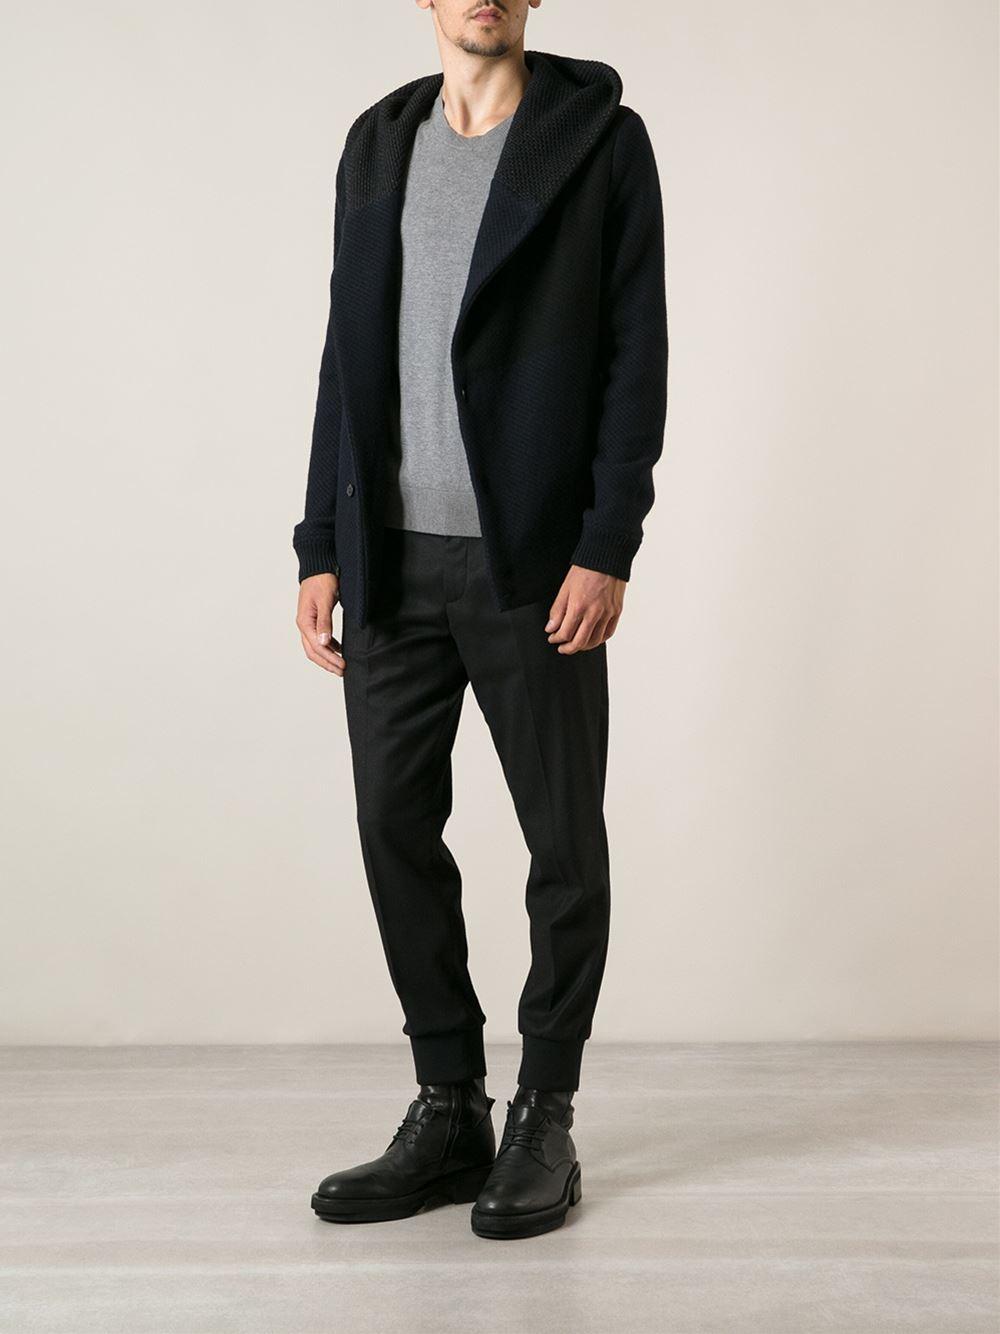 Stephan schneider Hooded Cardigan in Black for Men | Lyst